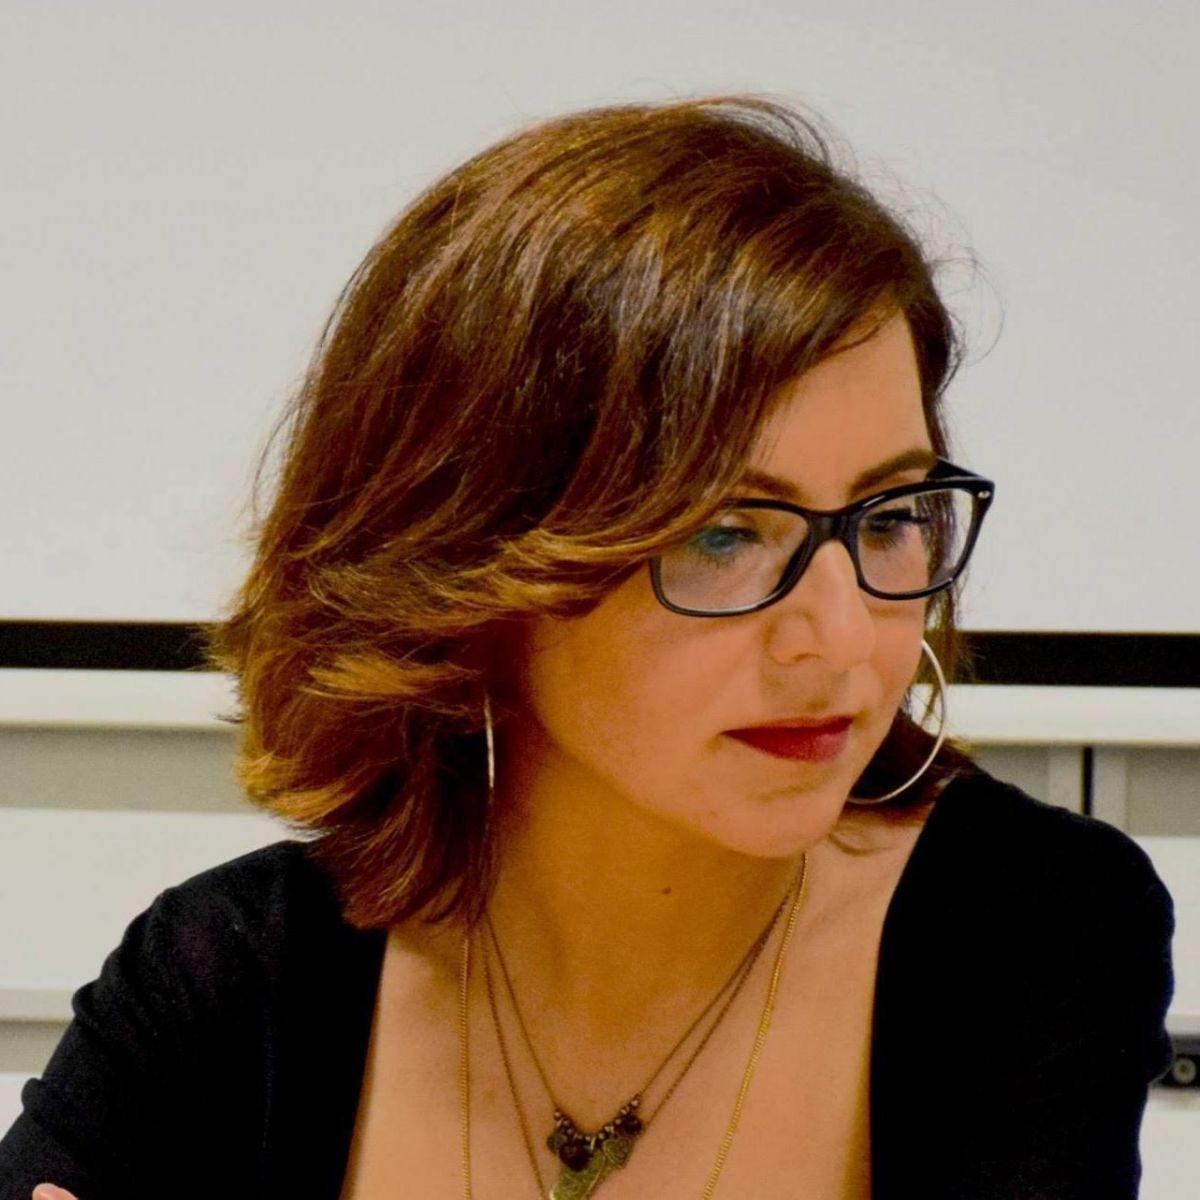 Elsa Peralta